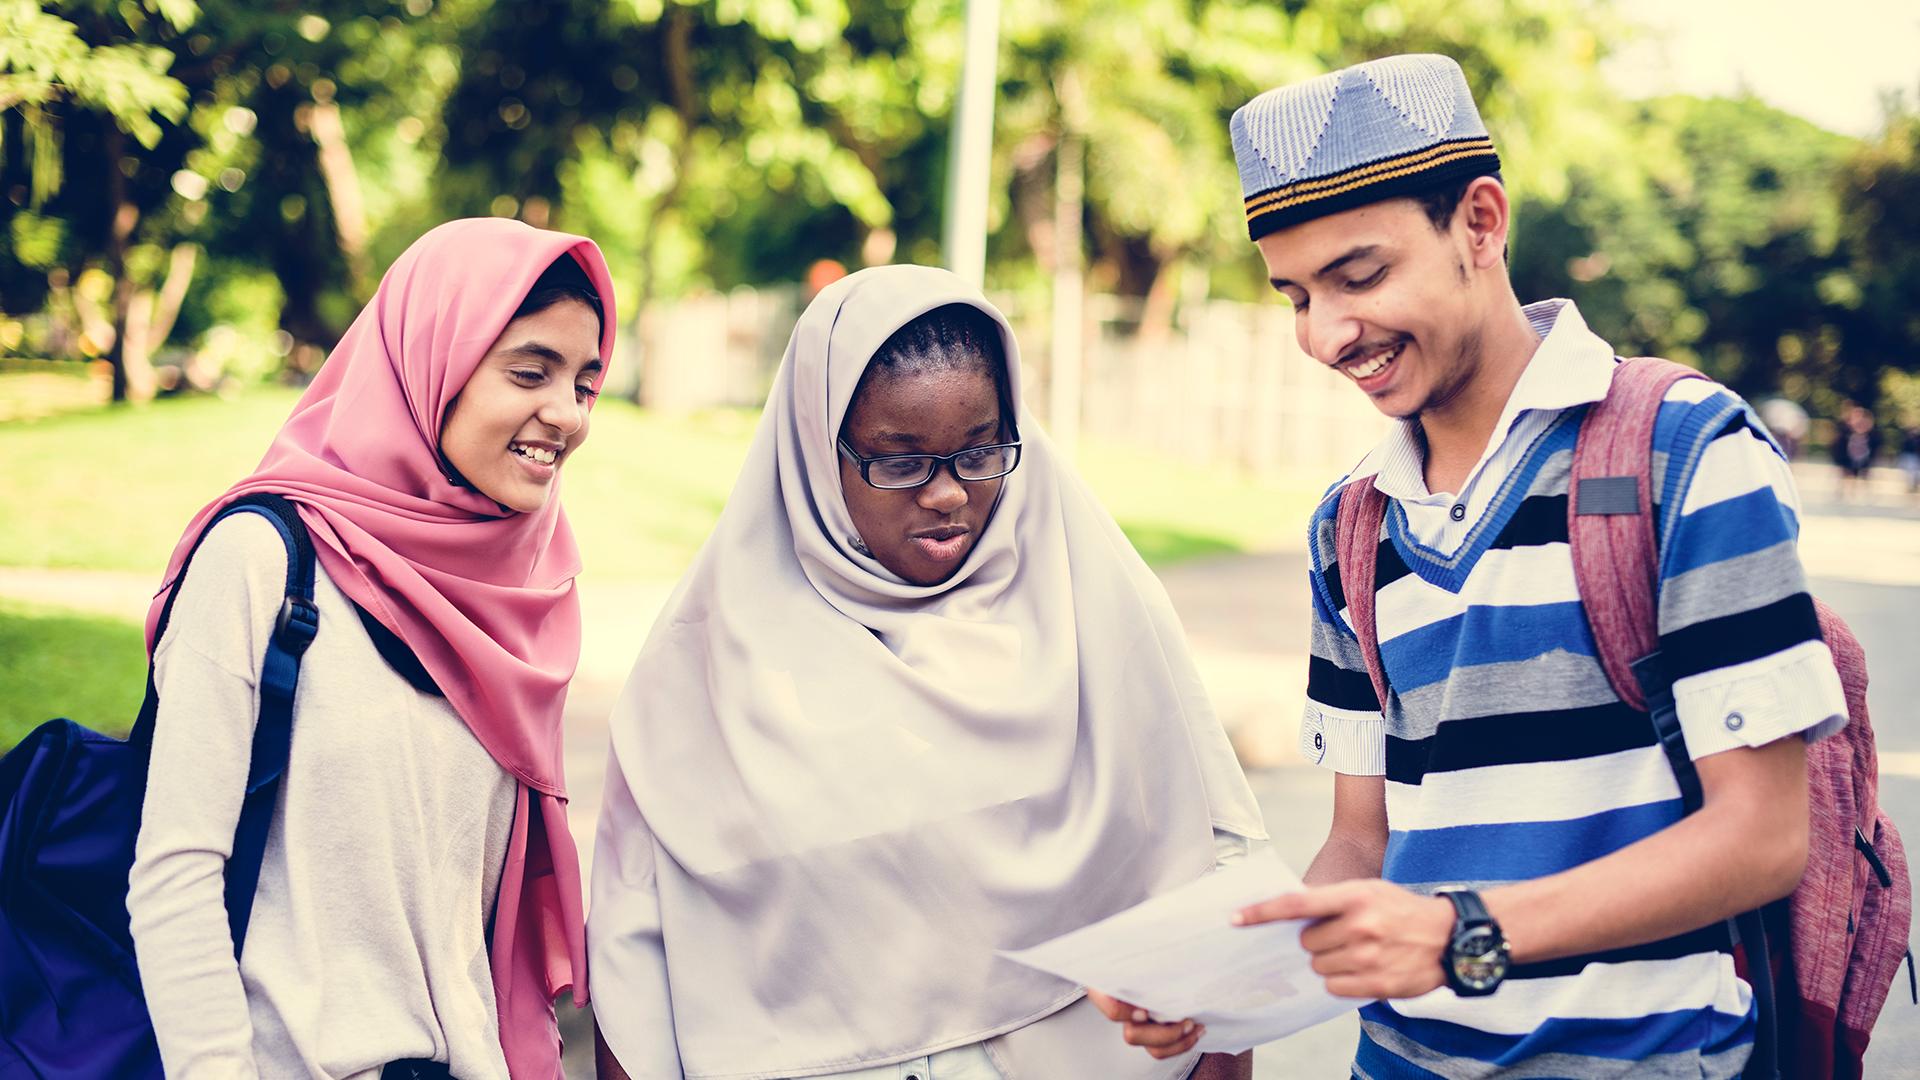 Գլխաշոր կրող երկու երիտասարդ կանանց խմբի և թղթին նայող գլխարկով մի երիտասարդ տղամարդու լուսանկար: